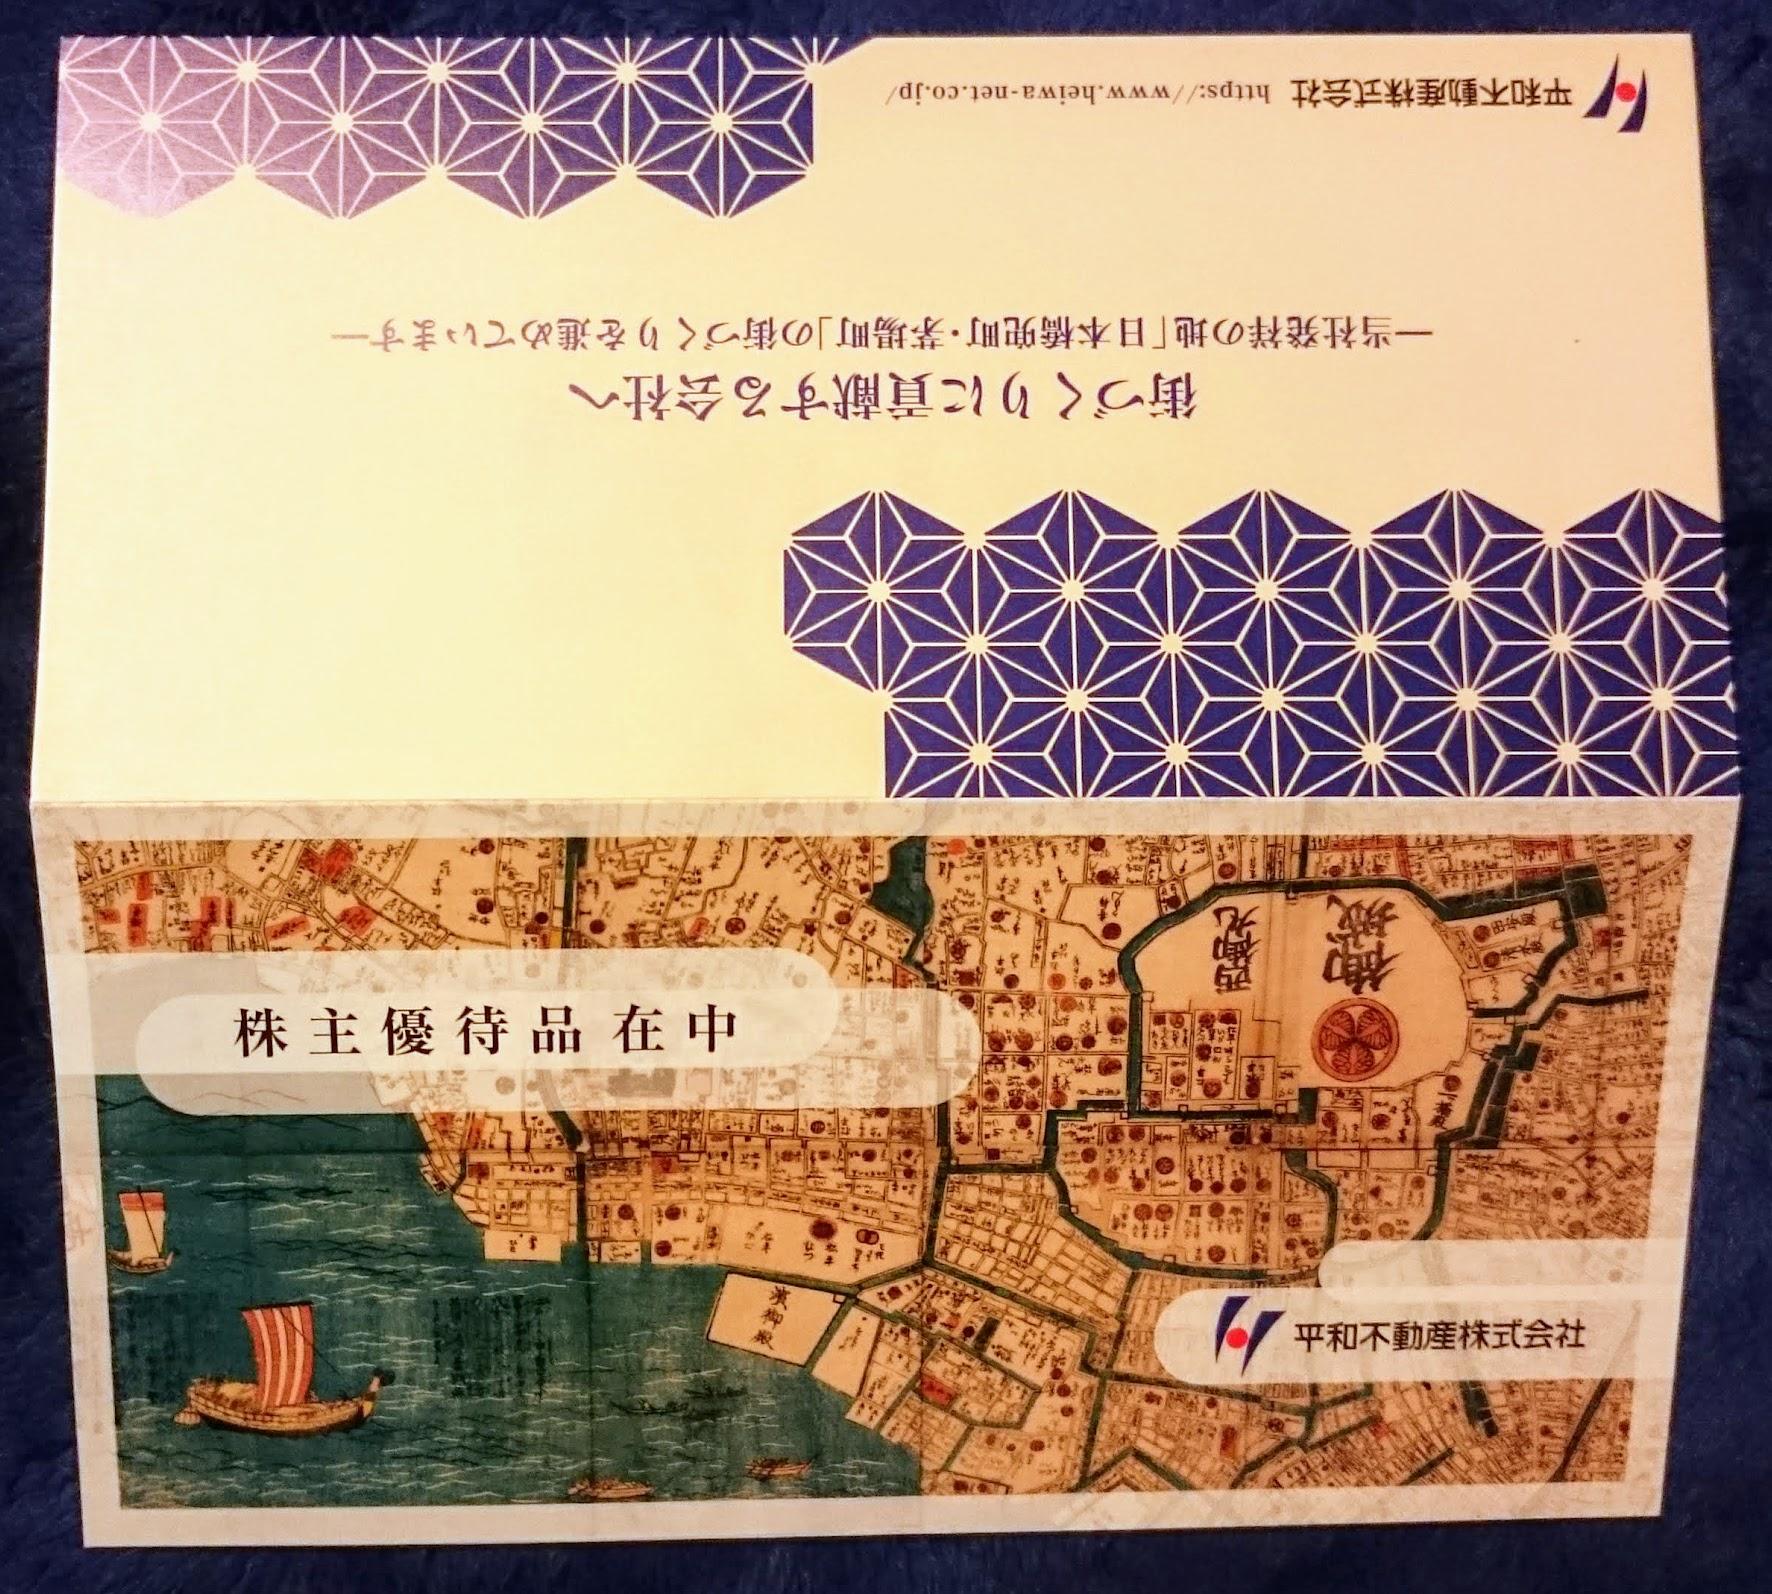 オリジナルQUOカードの台紙